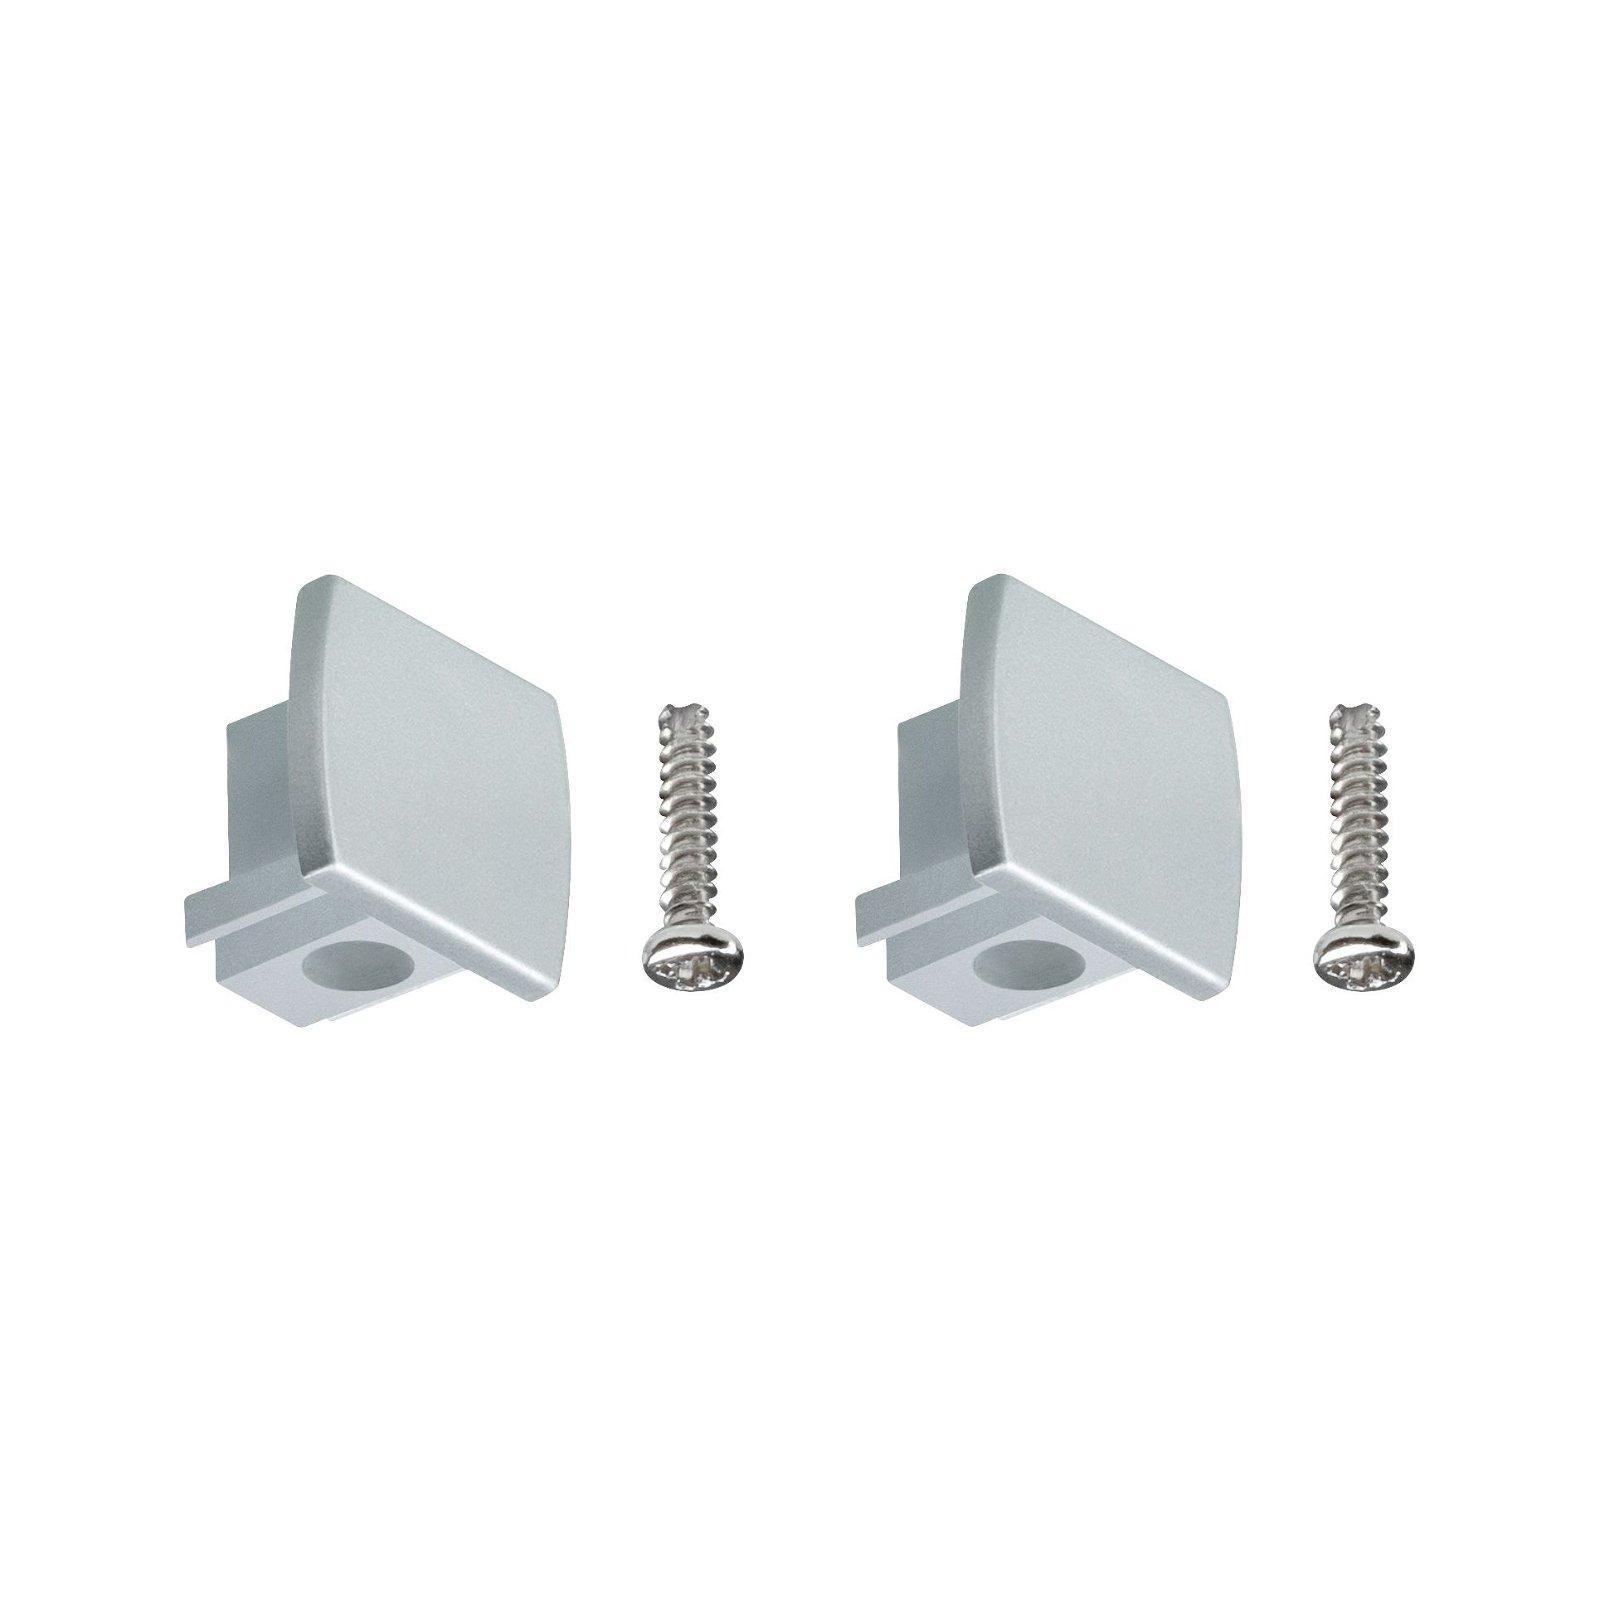 URail Verbindingen Set van 2 Eindkappen pak van 2 13x21mm Chroom mat